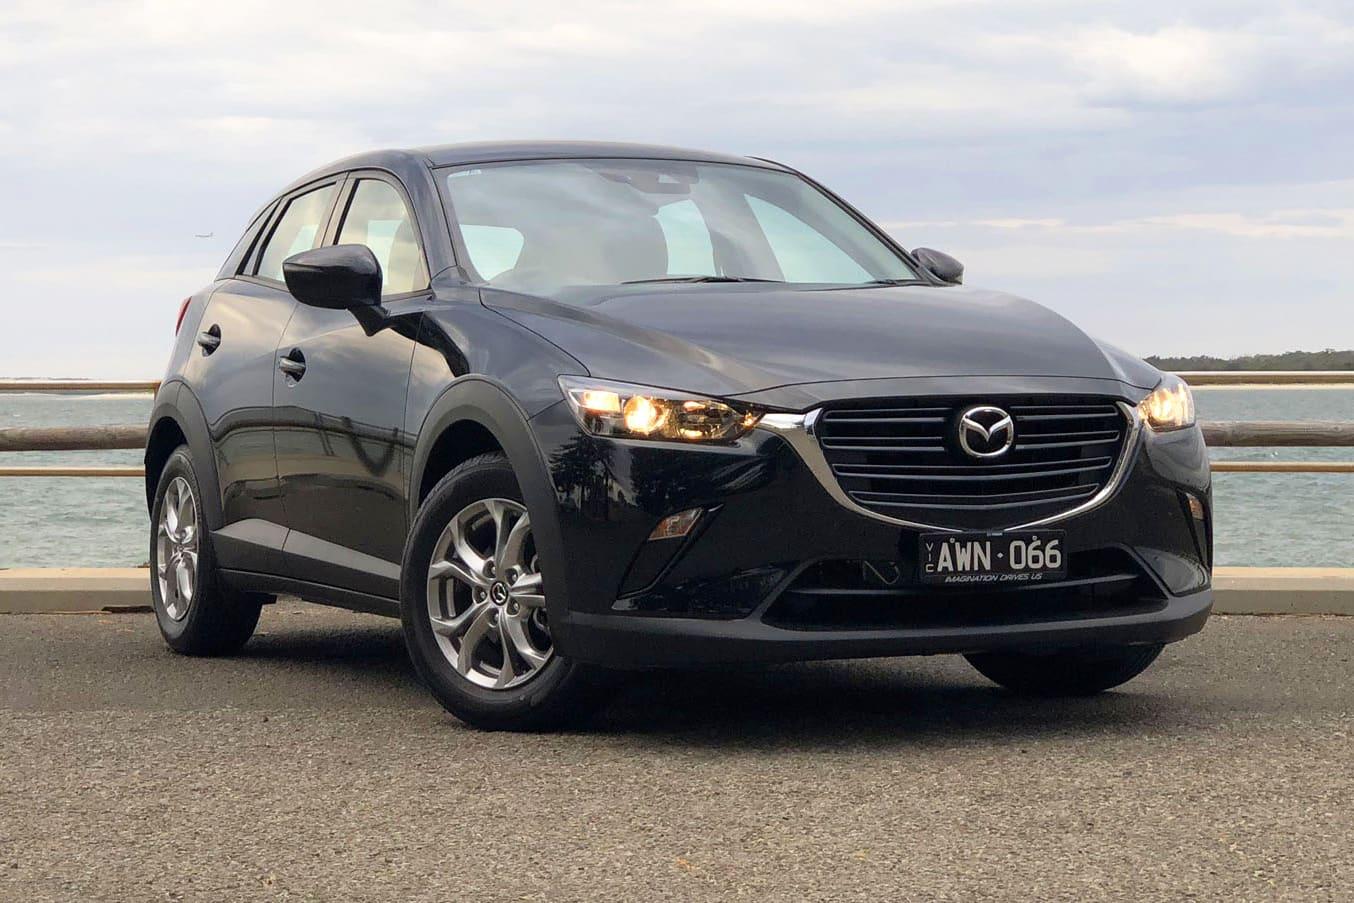 Kekurangan Mazda Cx 3 Diesel Tangguh